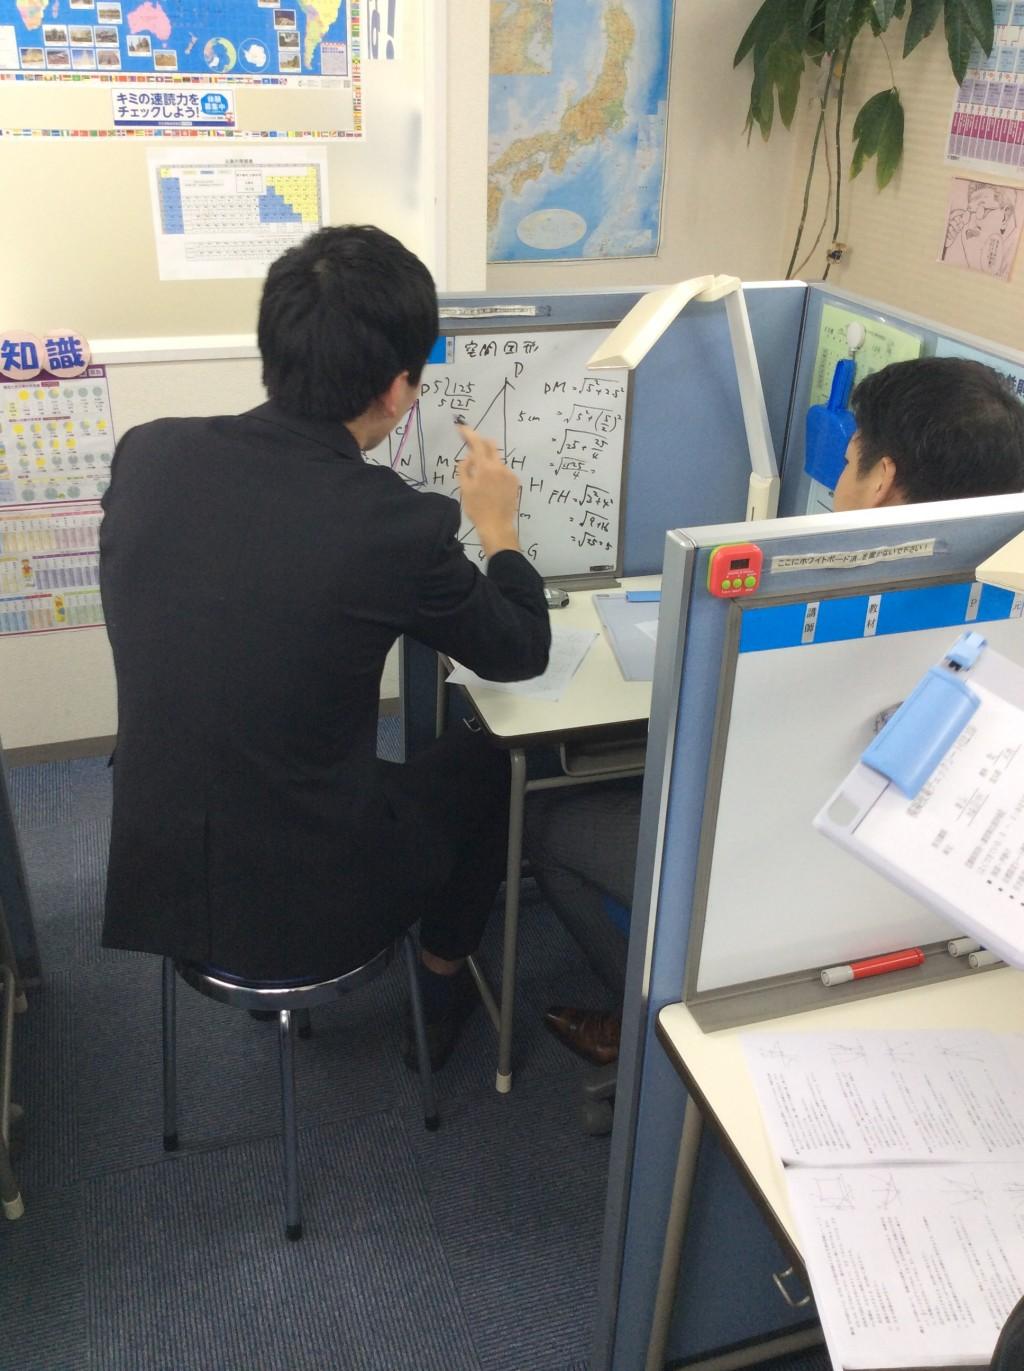 模擬授業風景① 生徒役、講師役になり、模擬授業も欠かさず行っております。